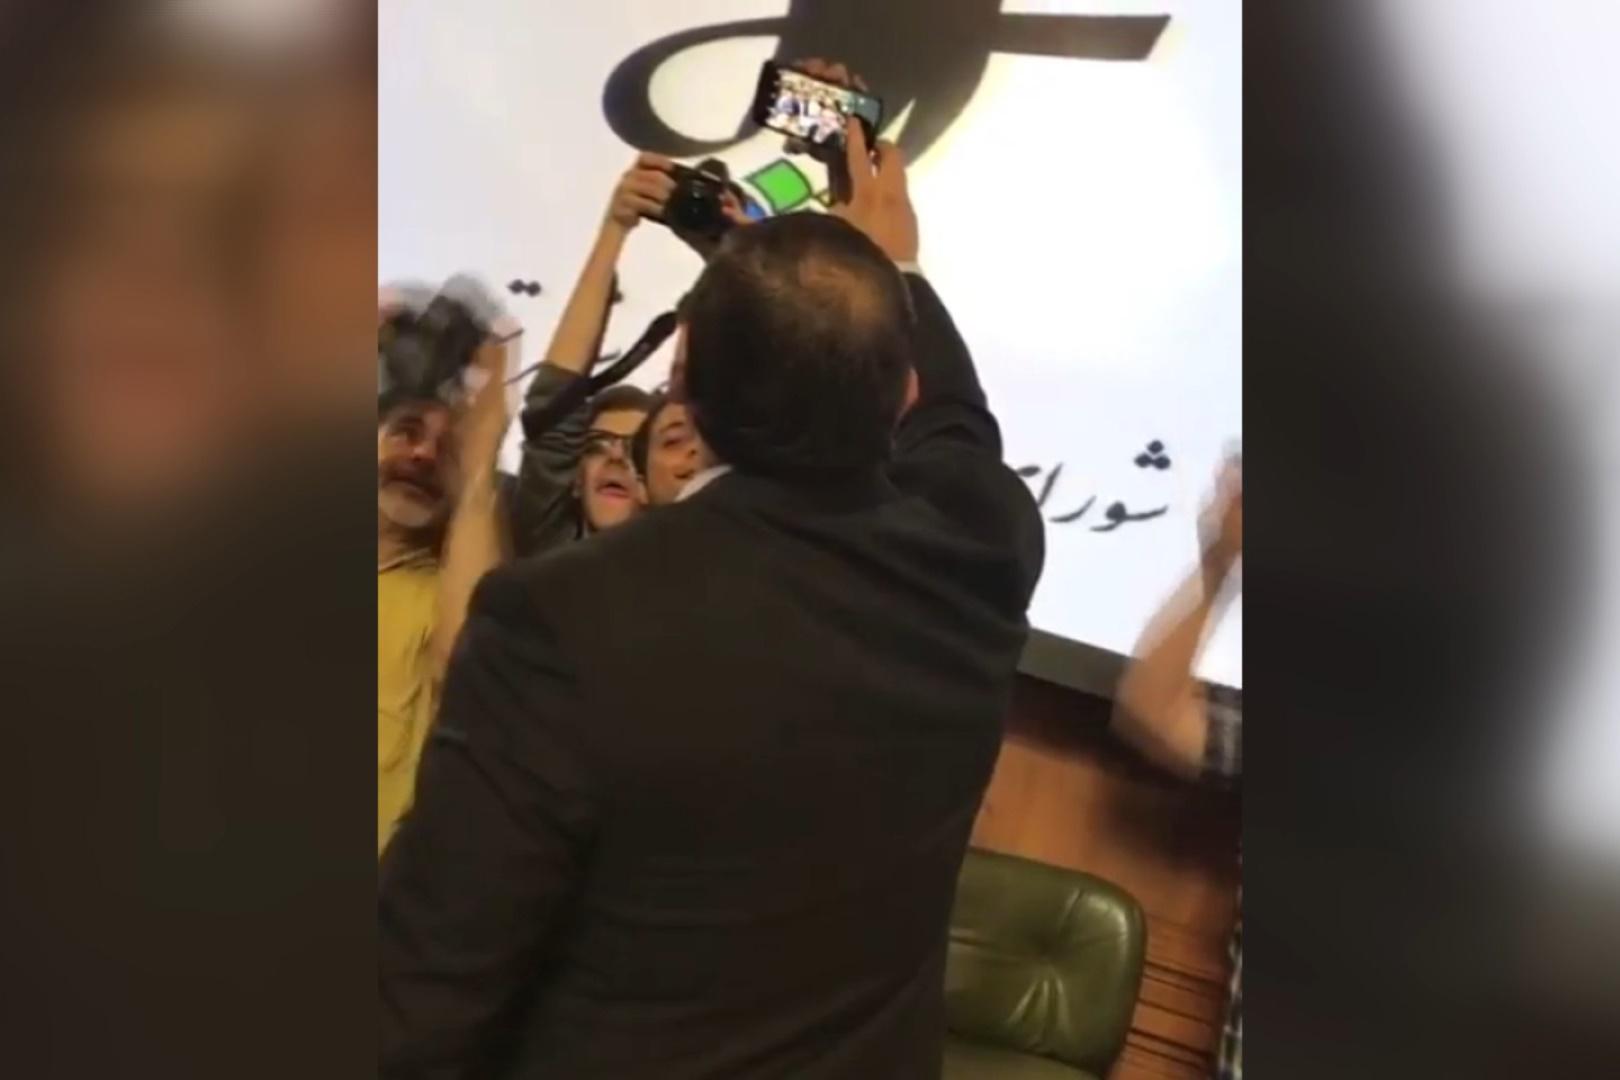 فیلم | حاشیههای جدیدی در آخرین روز شورای شهر؛ از سلفی گرفتن با اعضا تا دستبوسی از چمران